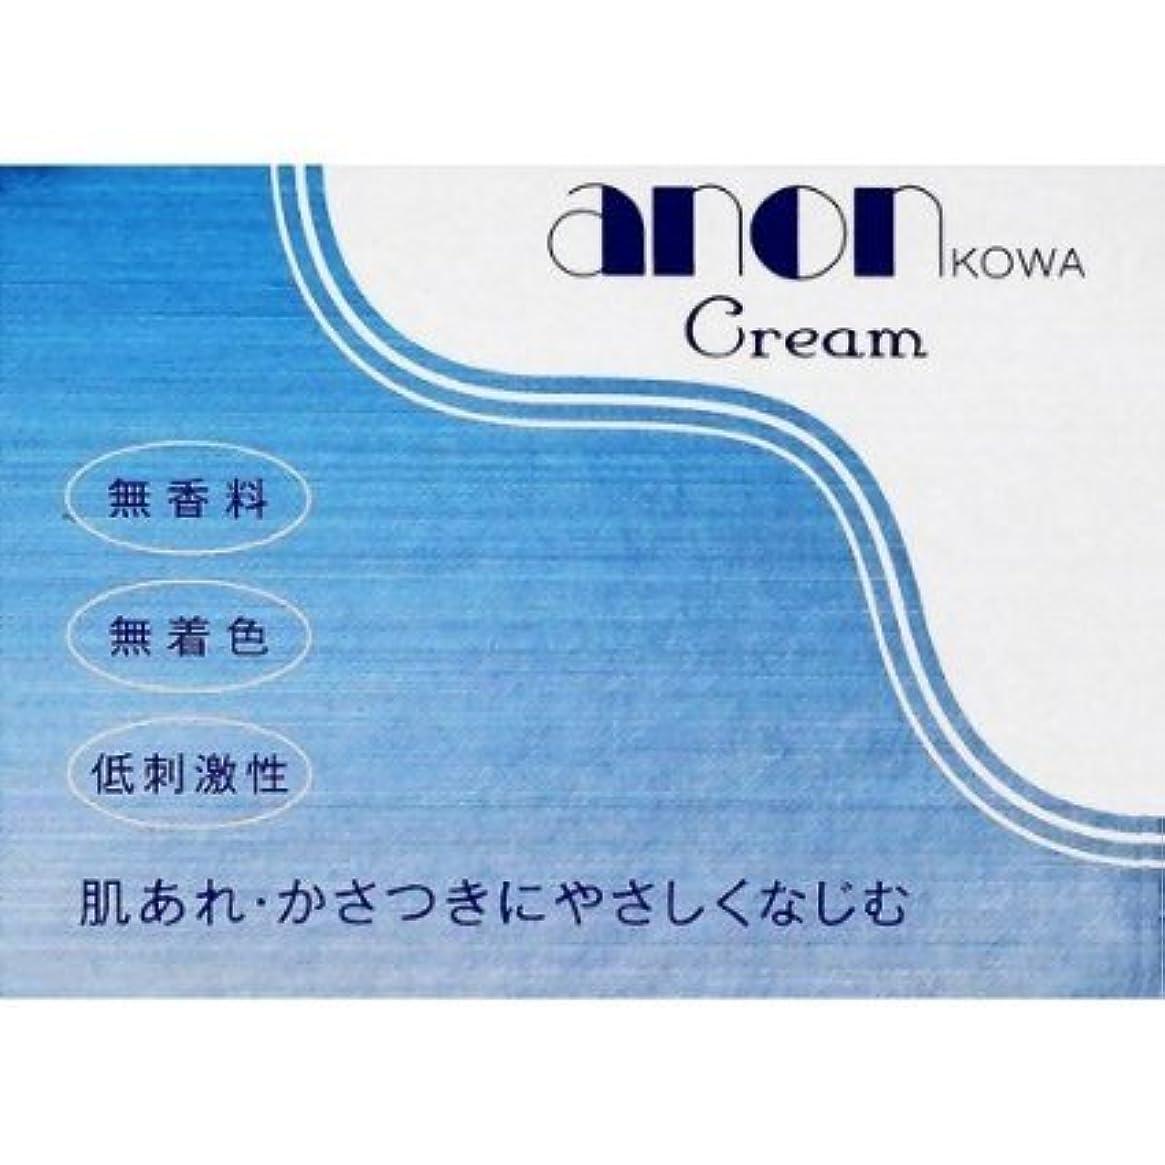 ゴシップ欲しいです他に興和新薬 アノンコーワクリーム80g×2 1847